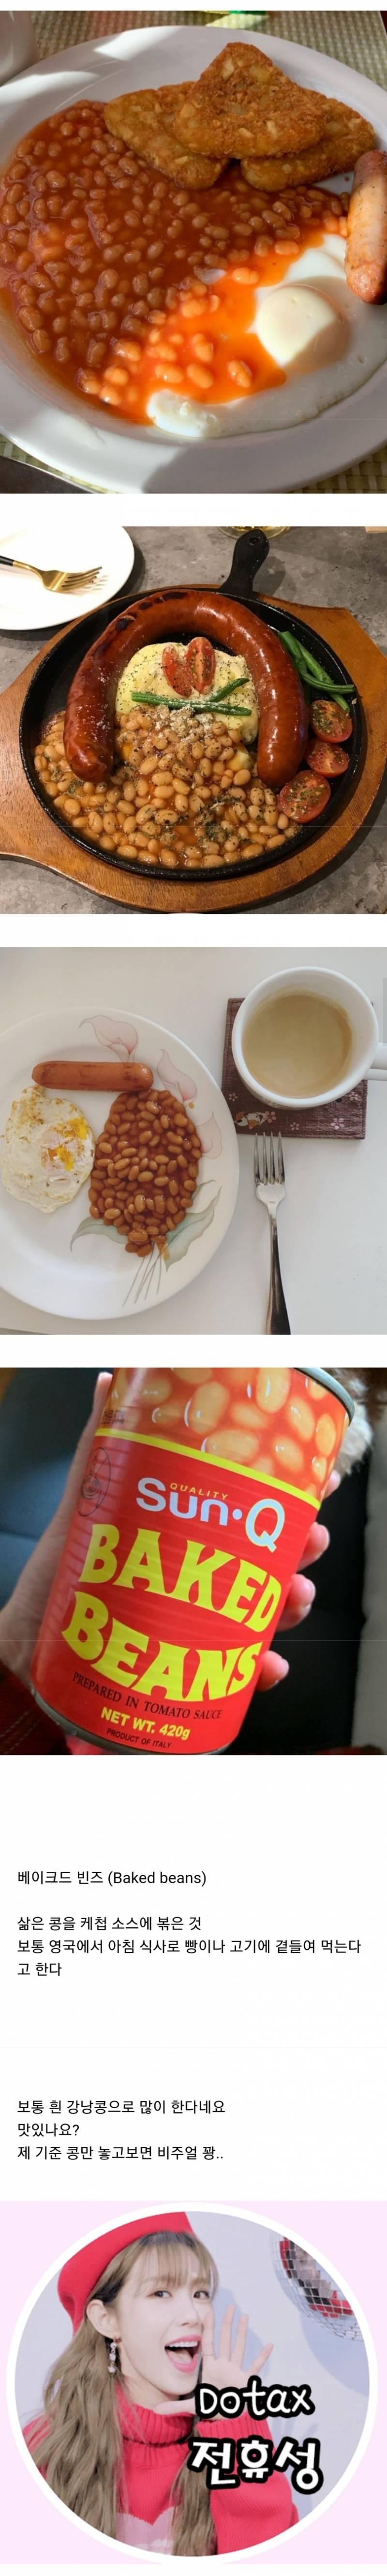 영국 아침식사에 나온다는 빨간콩......jpg | 인스티즈